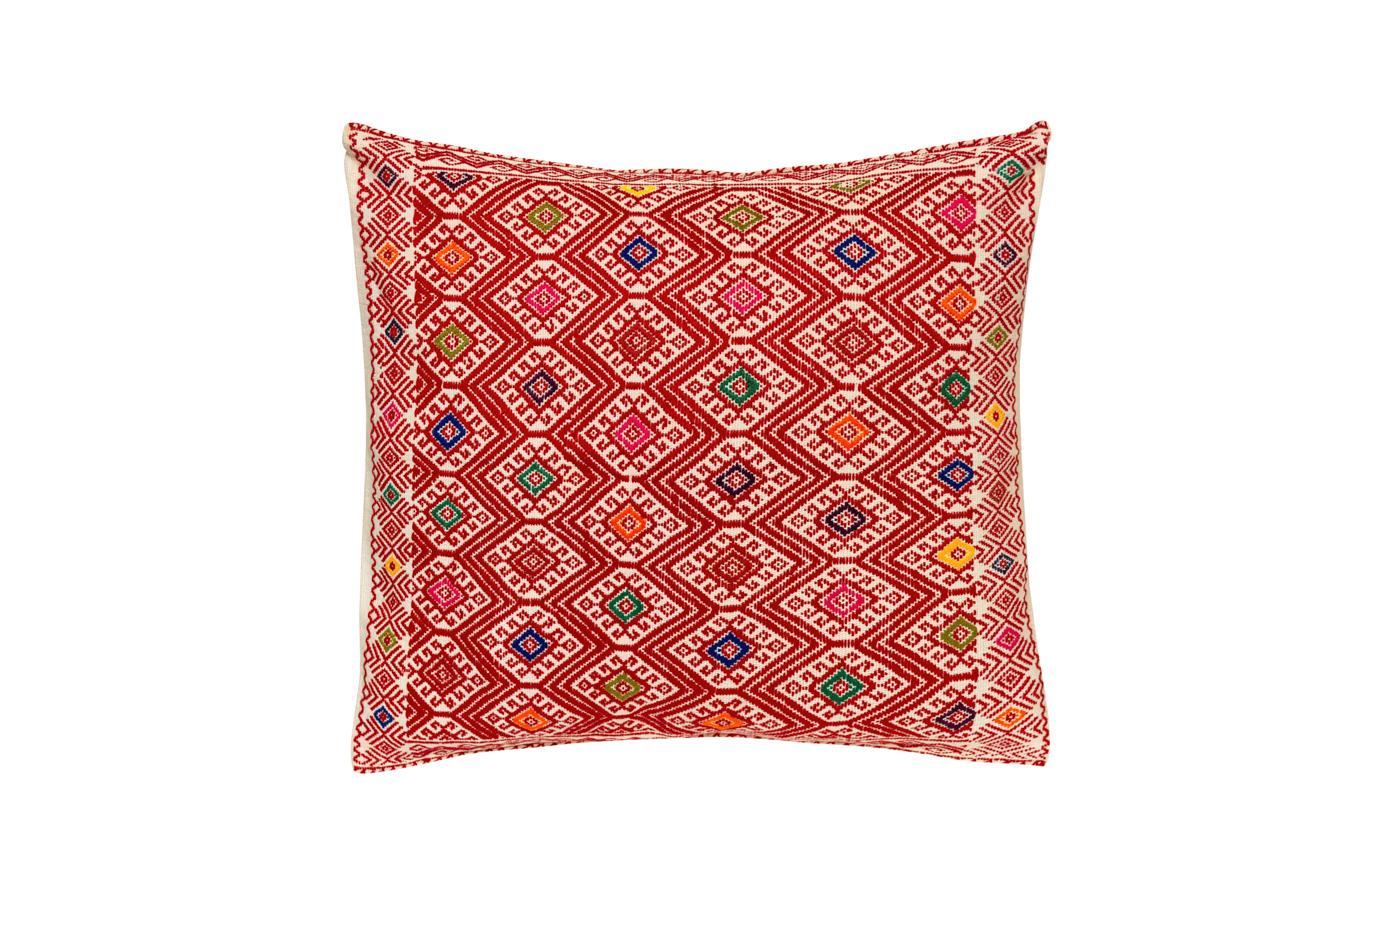 Cojín Mexicano en algodón con patrones geométricos